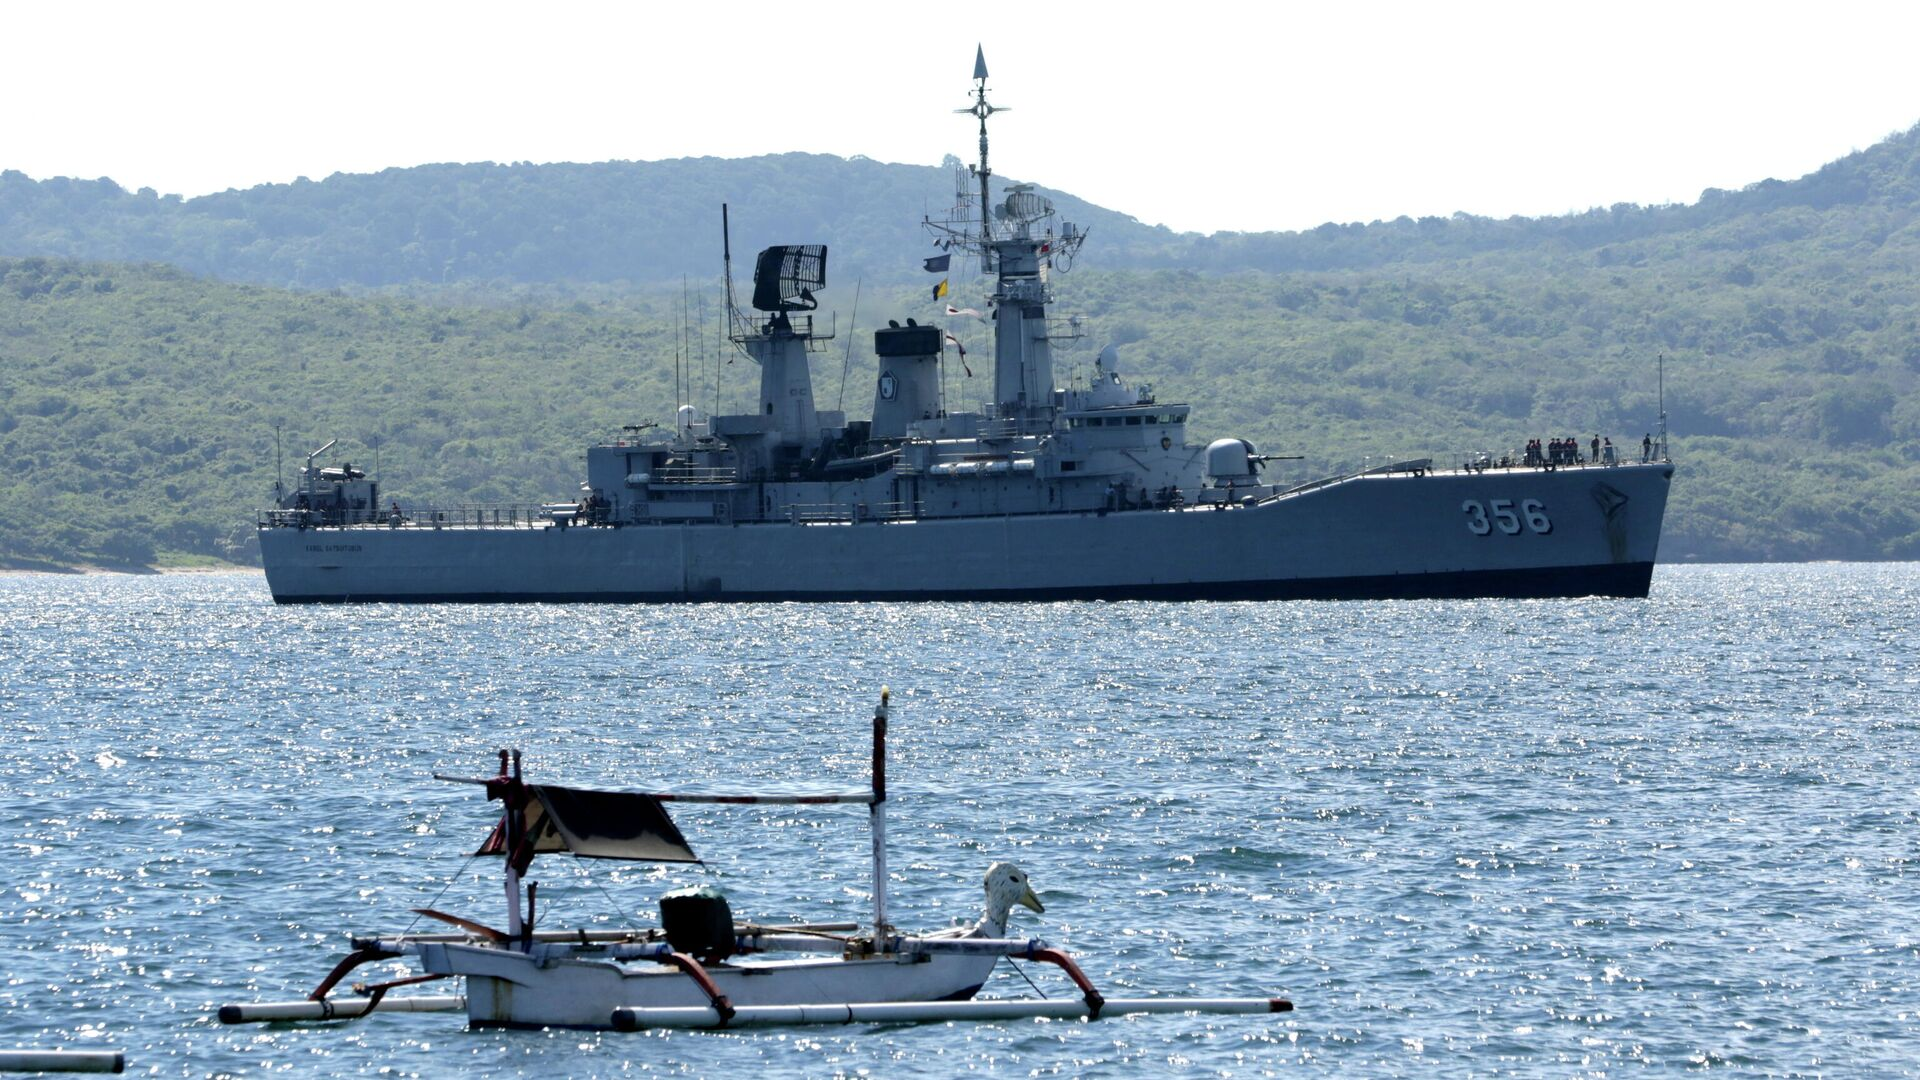 Bergungsarbeiten am Ort des Unfalls mit dem indonesischen U-Boot - SNA, 1920, 22.04.2021